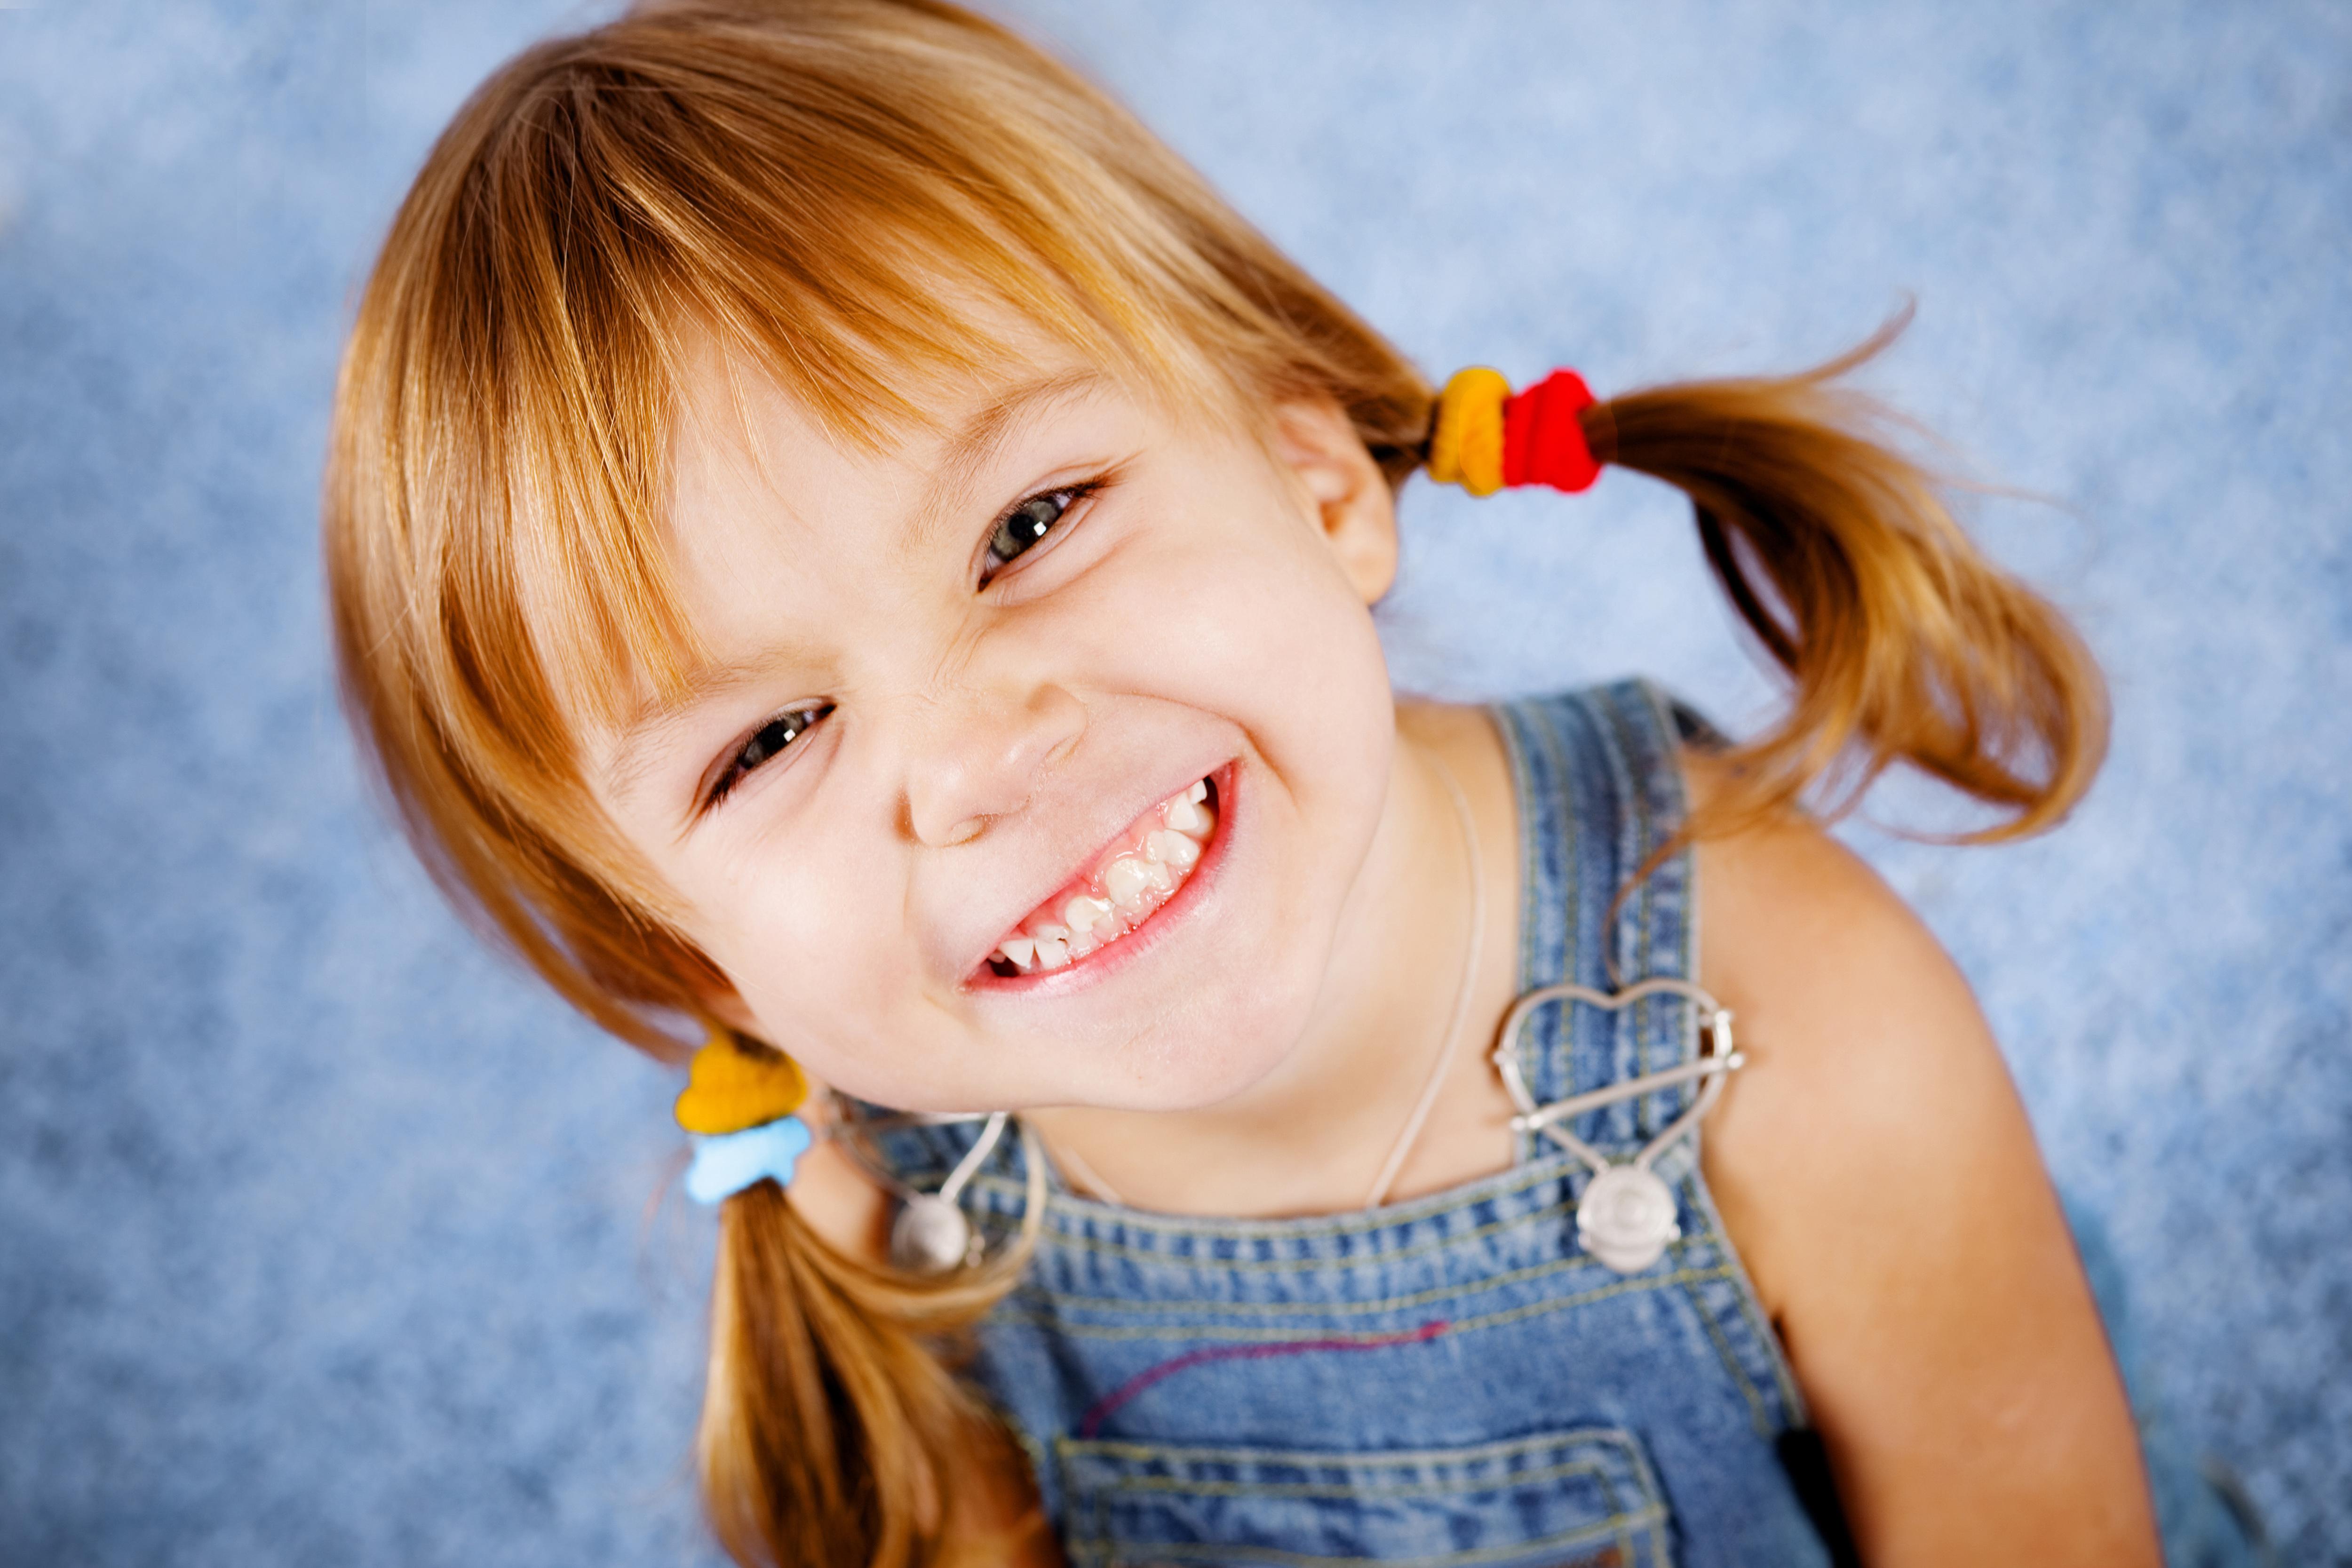 Домик, радостная картинка смешной девочки